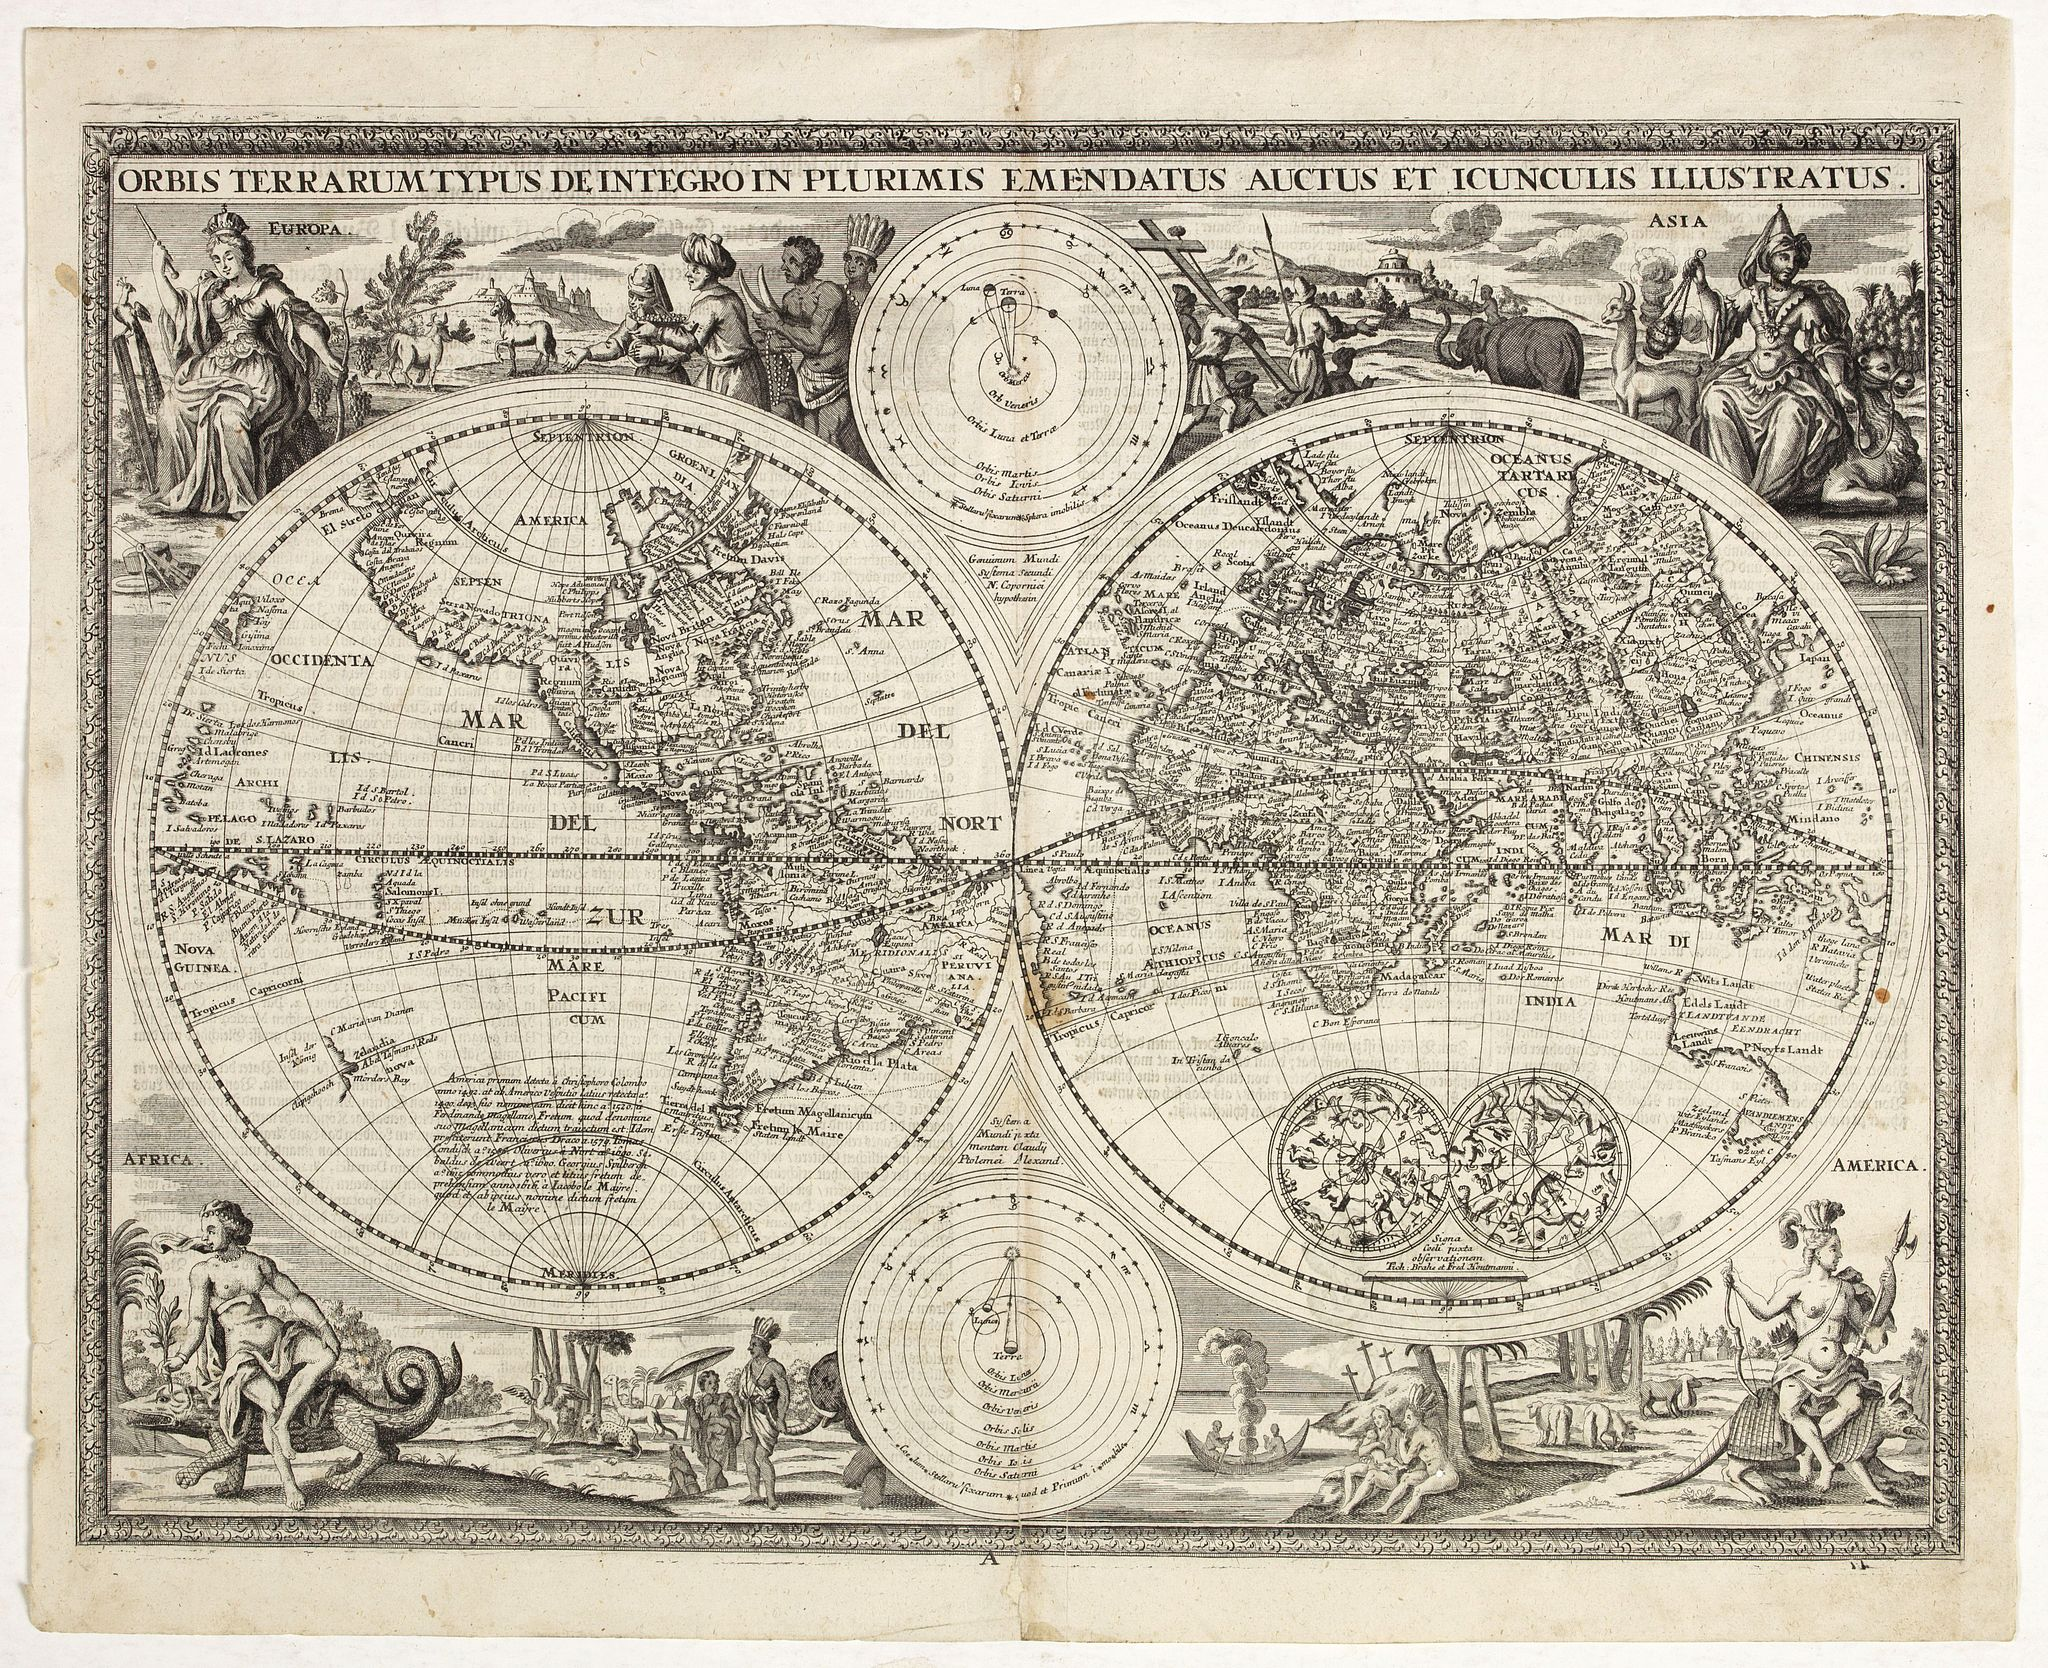 DETLEFFSEN, J. -  Orbis terrarum typus de integro in plurimis emendatus auctus et icunculis illustratus.